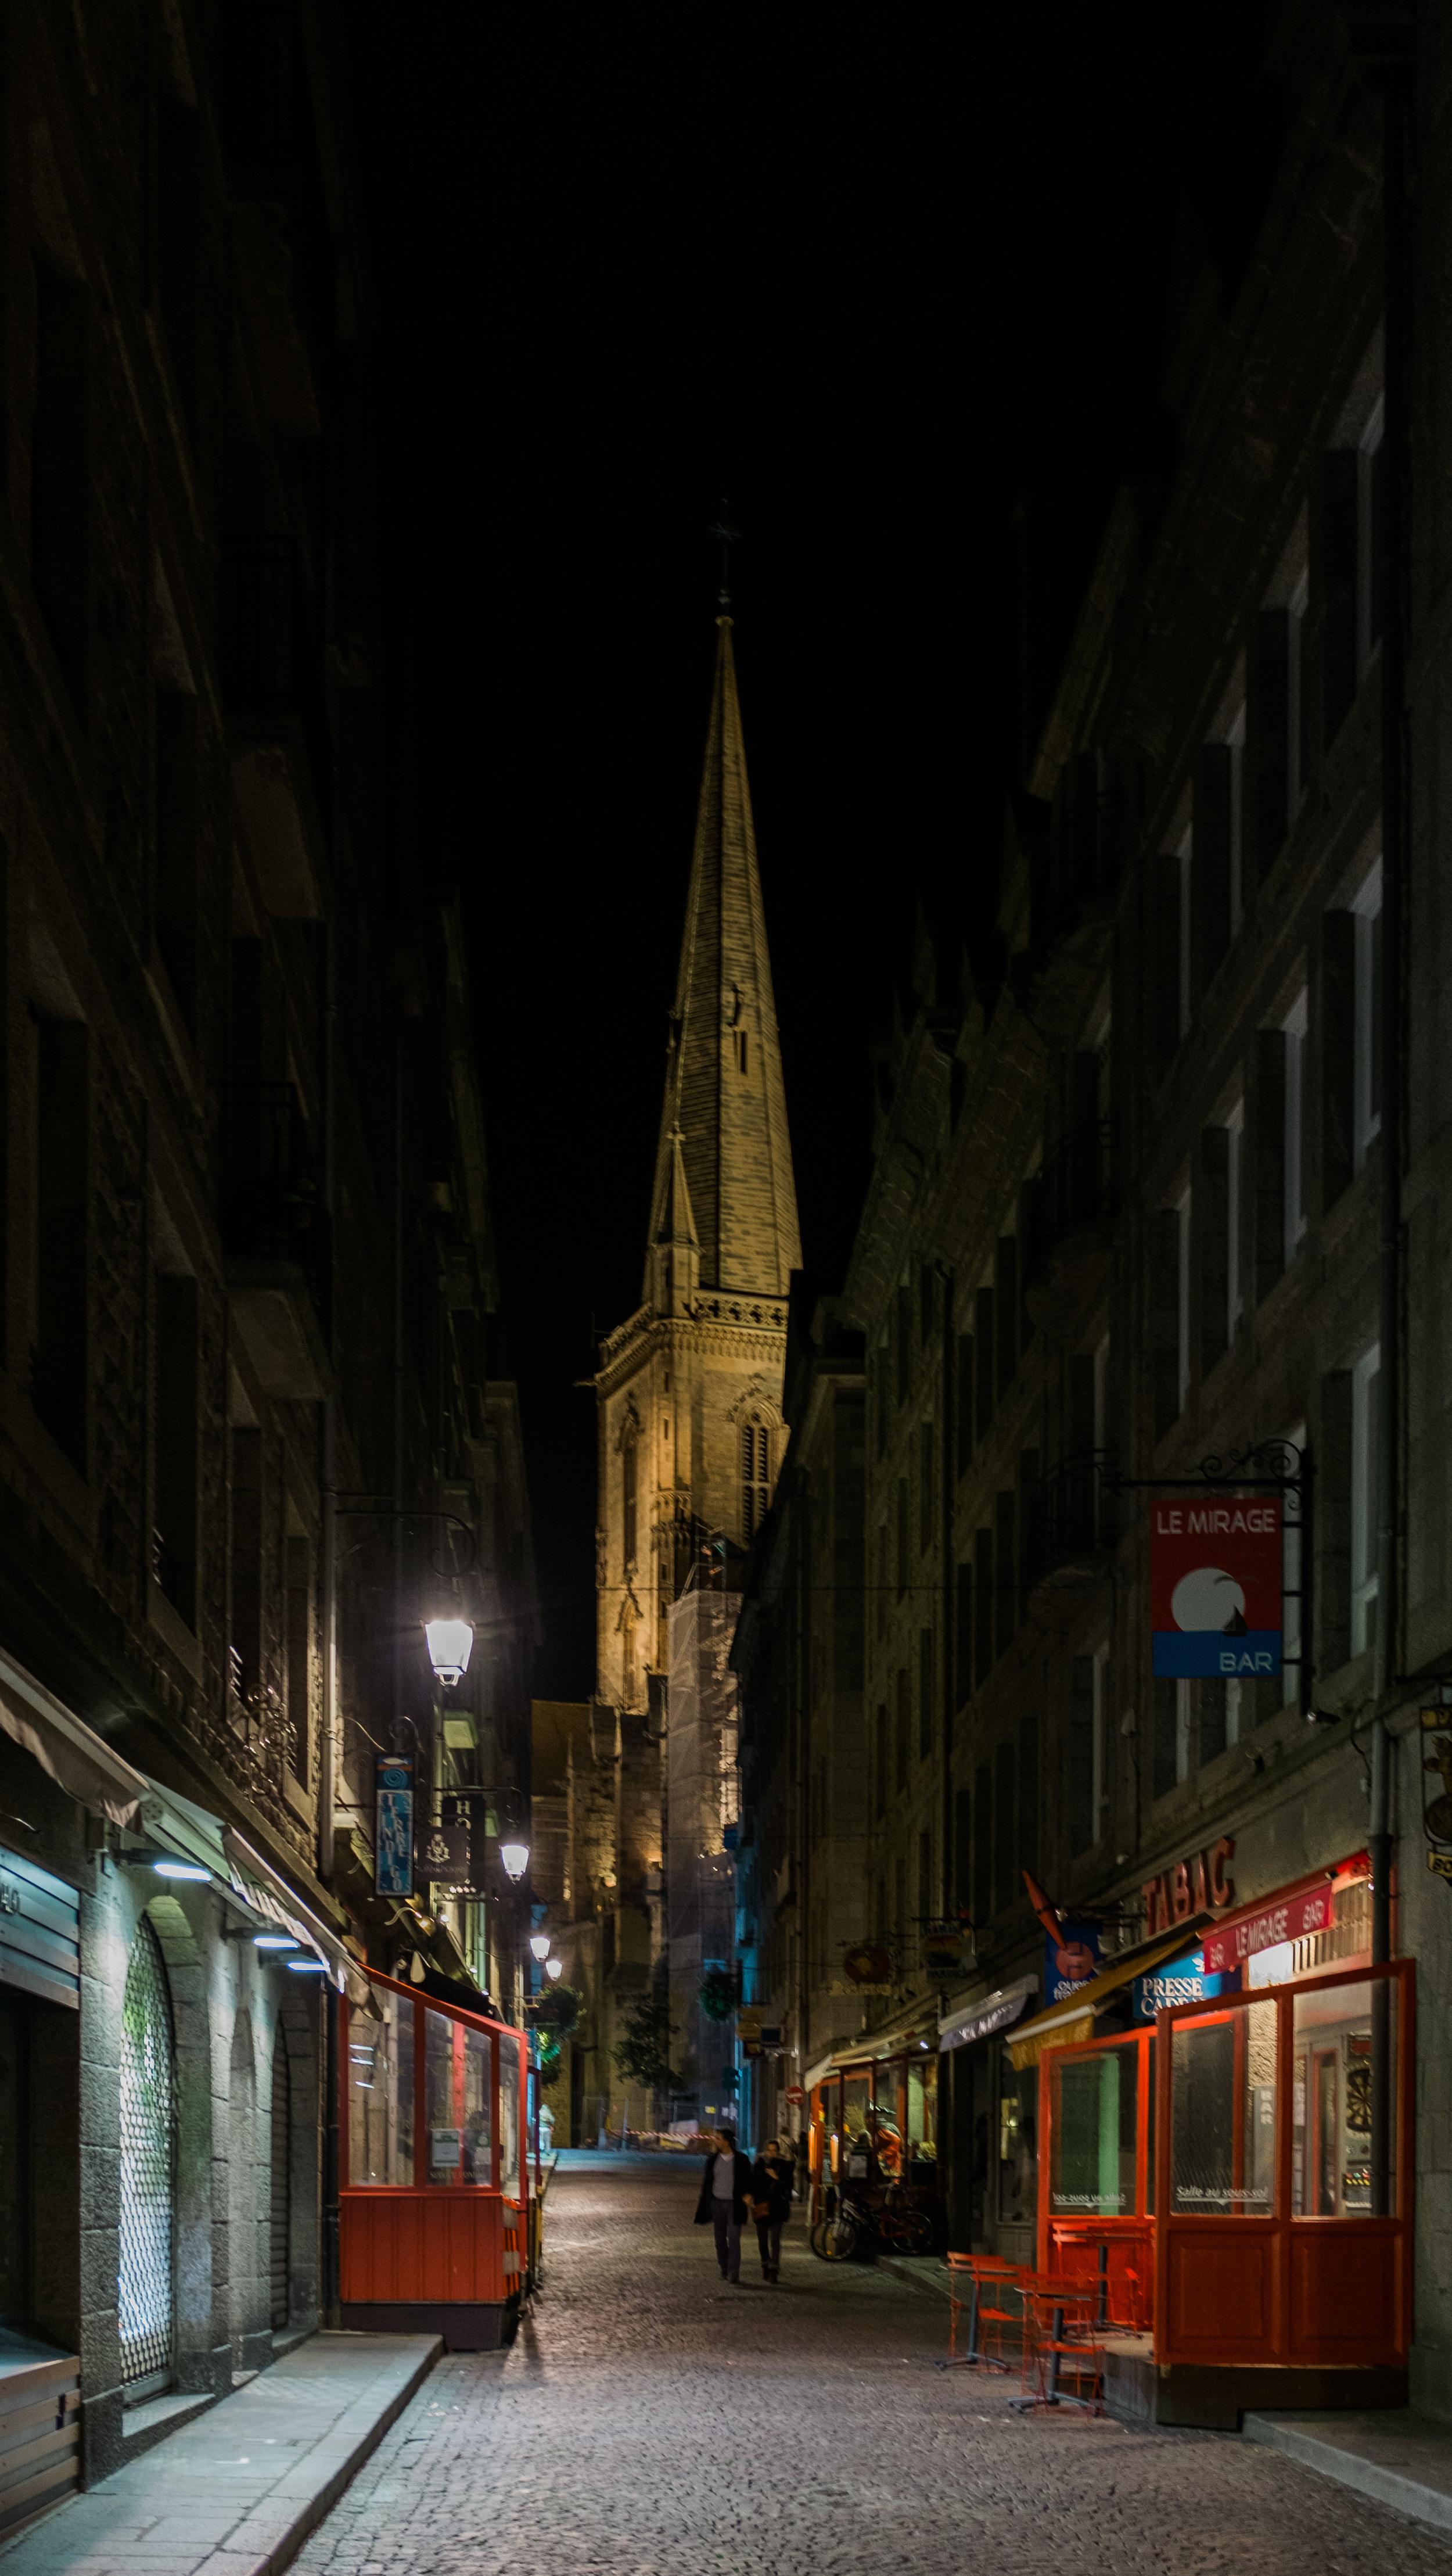 london-britian-cambridge-stmalo-mont-saint-michel-france-normandy-paris-073.jpg